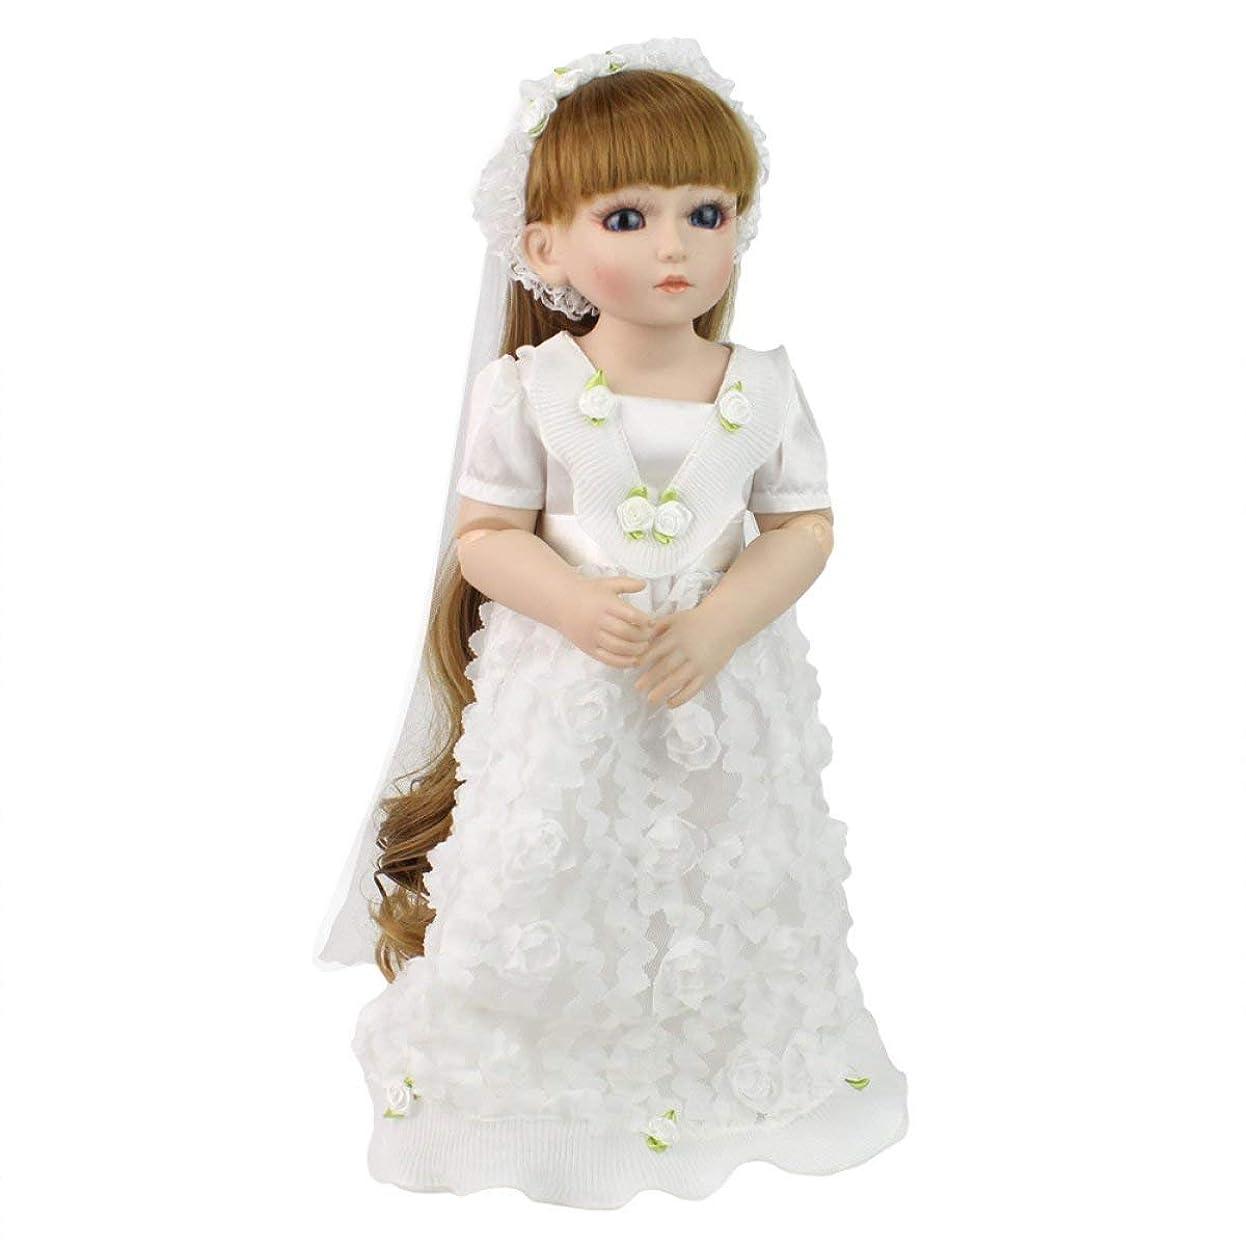 おじさん演劇祖父母を訪問Reborn Baby Dolls Reborn Baby Dolls Handmade Livelike Realistic Silicone Vinyl Baby Doll Soft Simulation 18 Inch 45 Cm Eye...